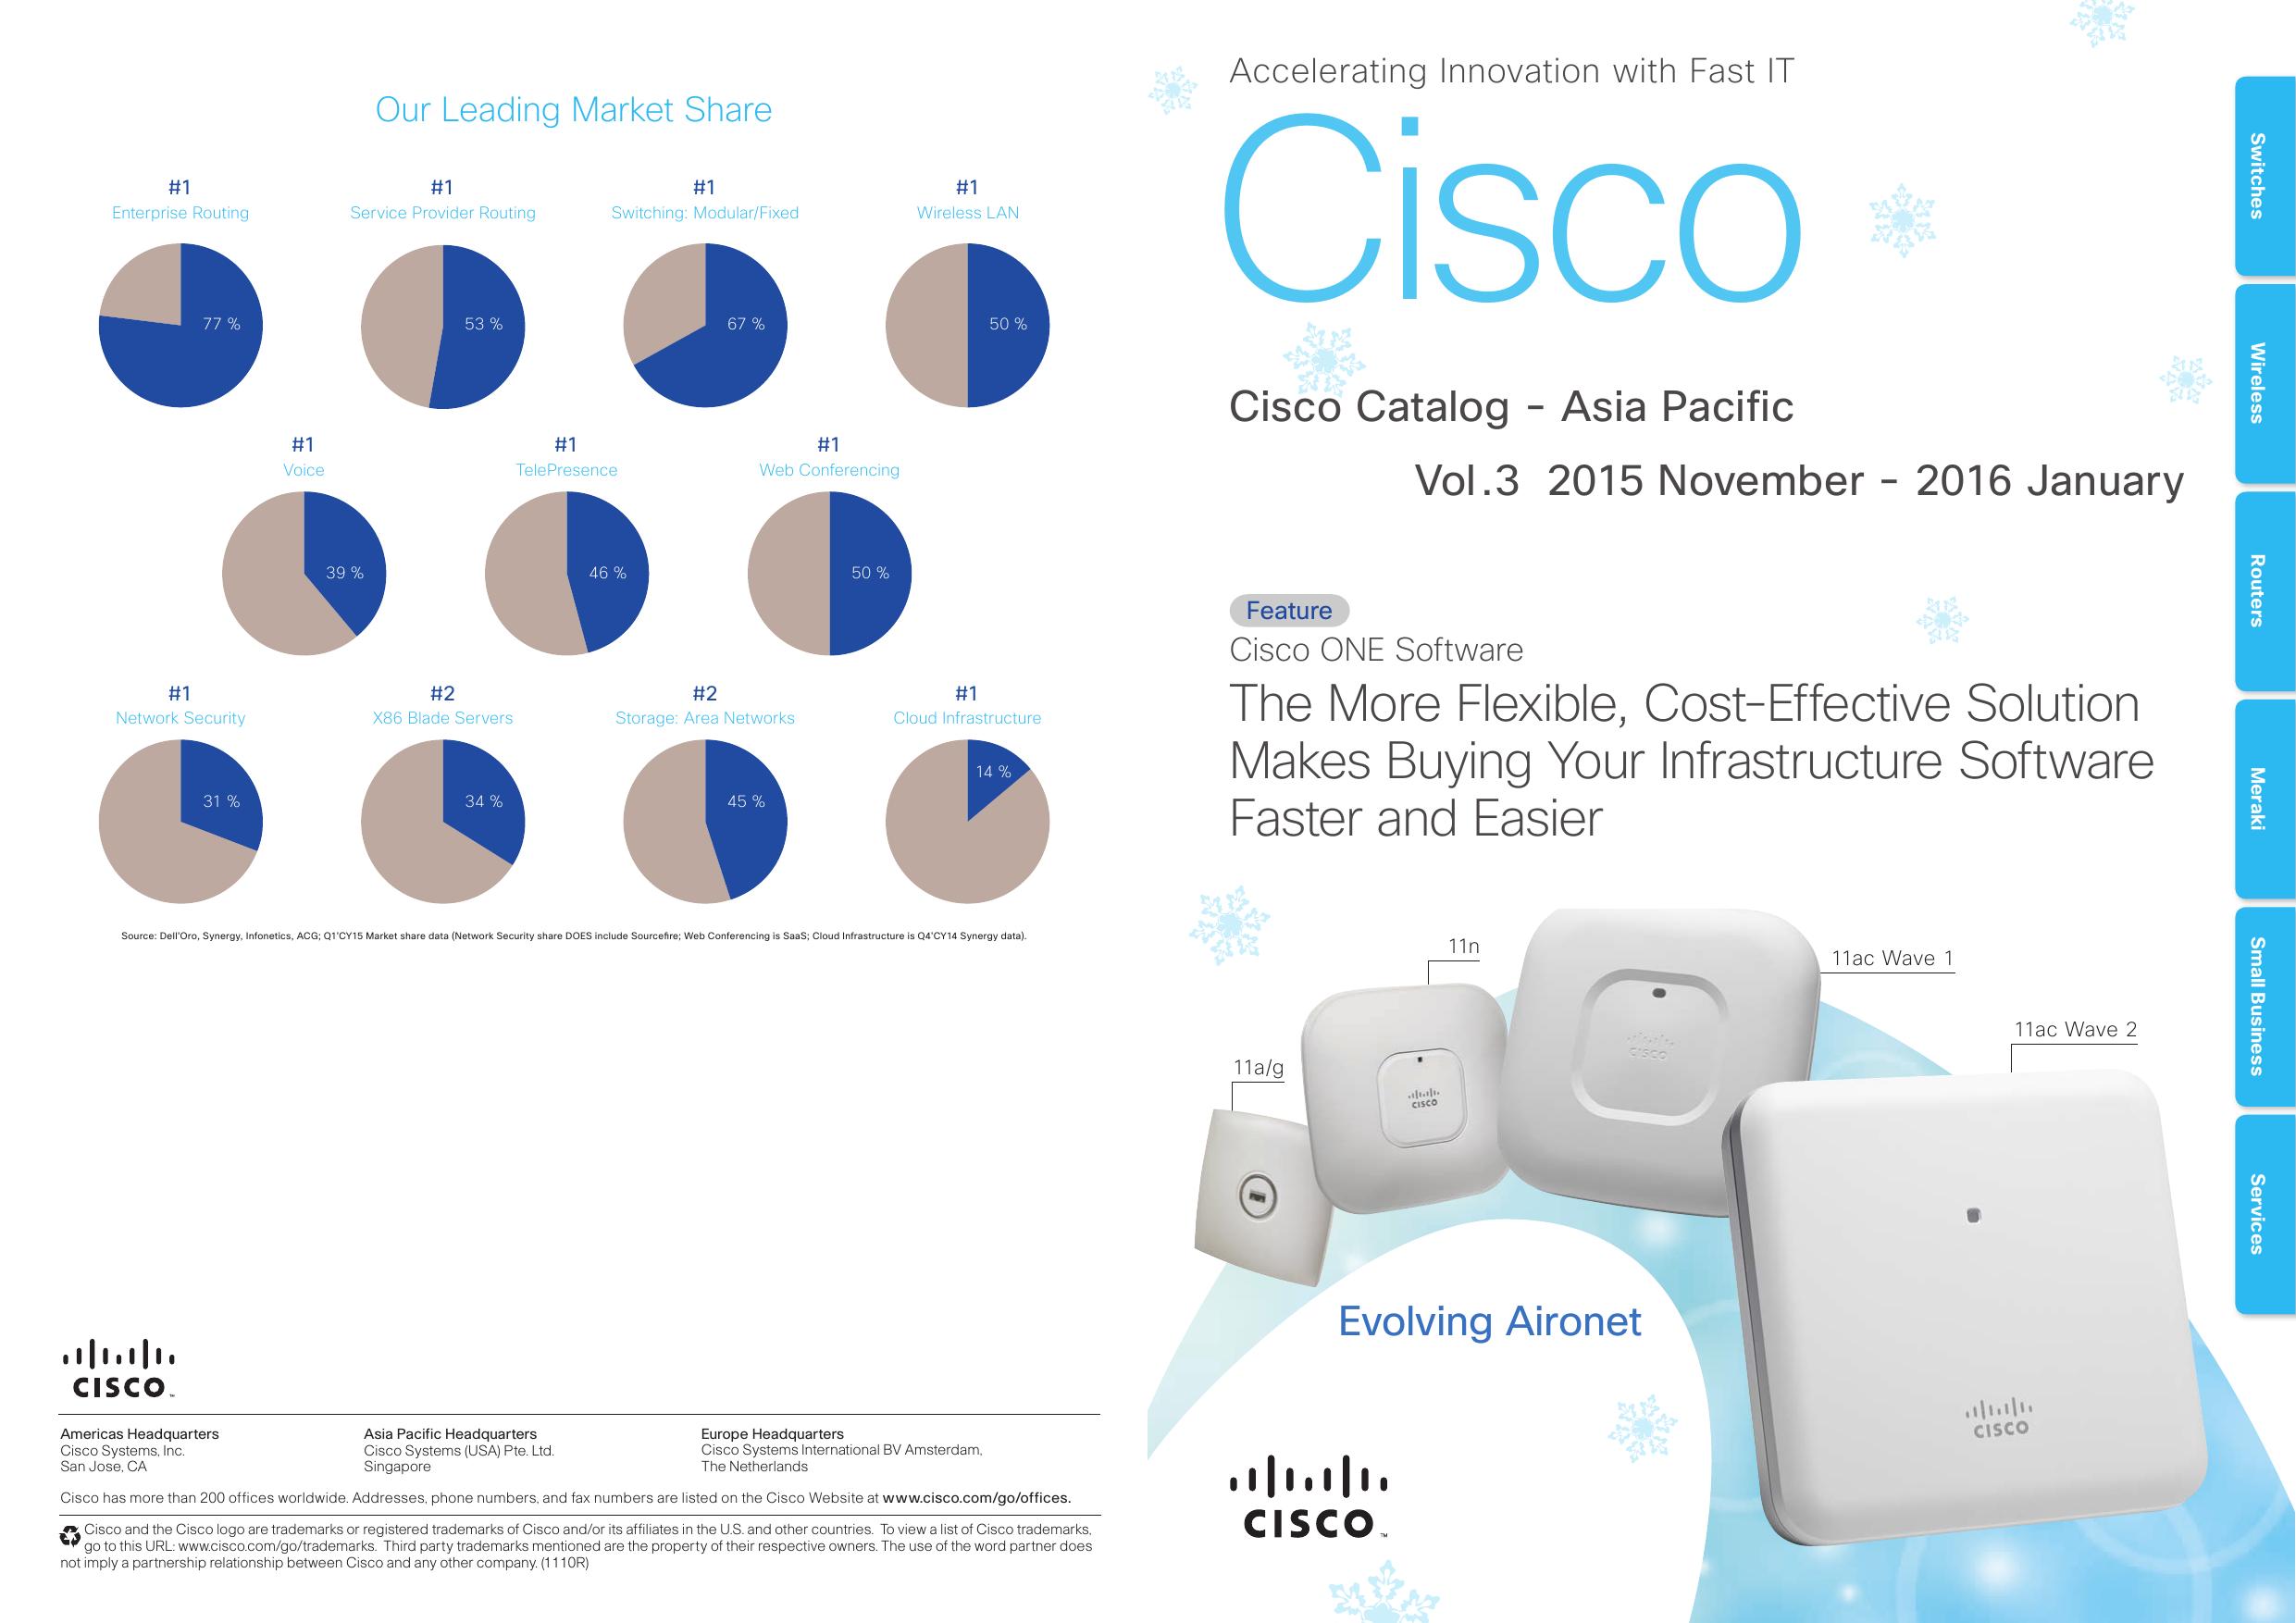 Cisco Catalog - www cornet | manualzz com